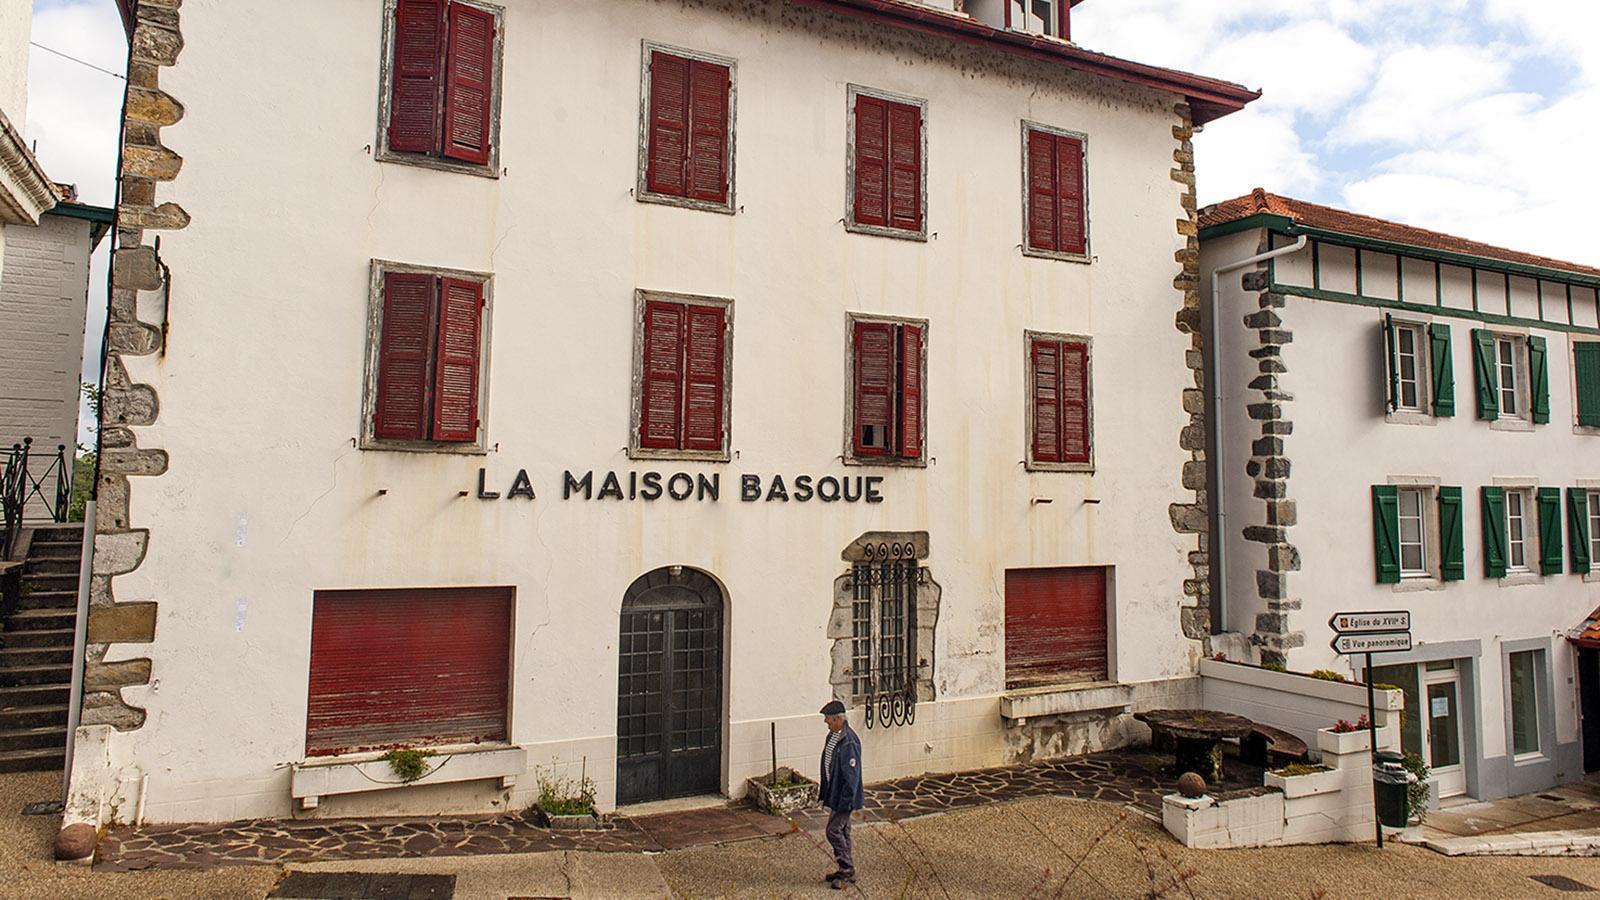 Fête du Gâteau Basque. Die Maison Basque von Cambo-les-Bains. Foto: Hilke Maunder